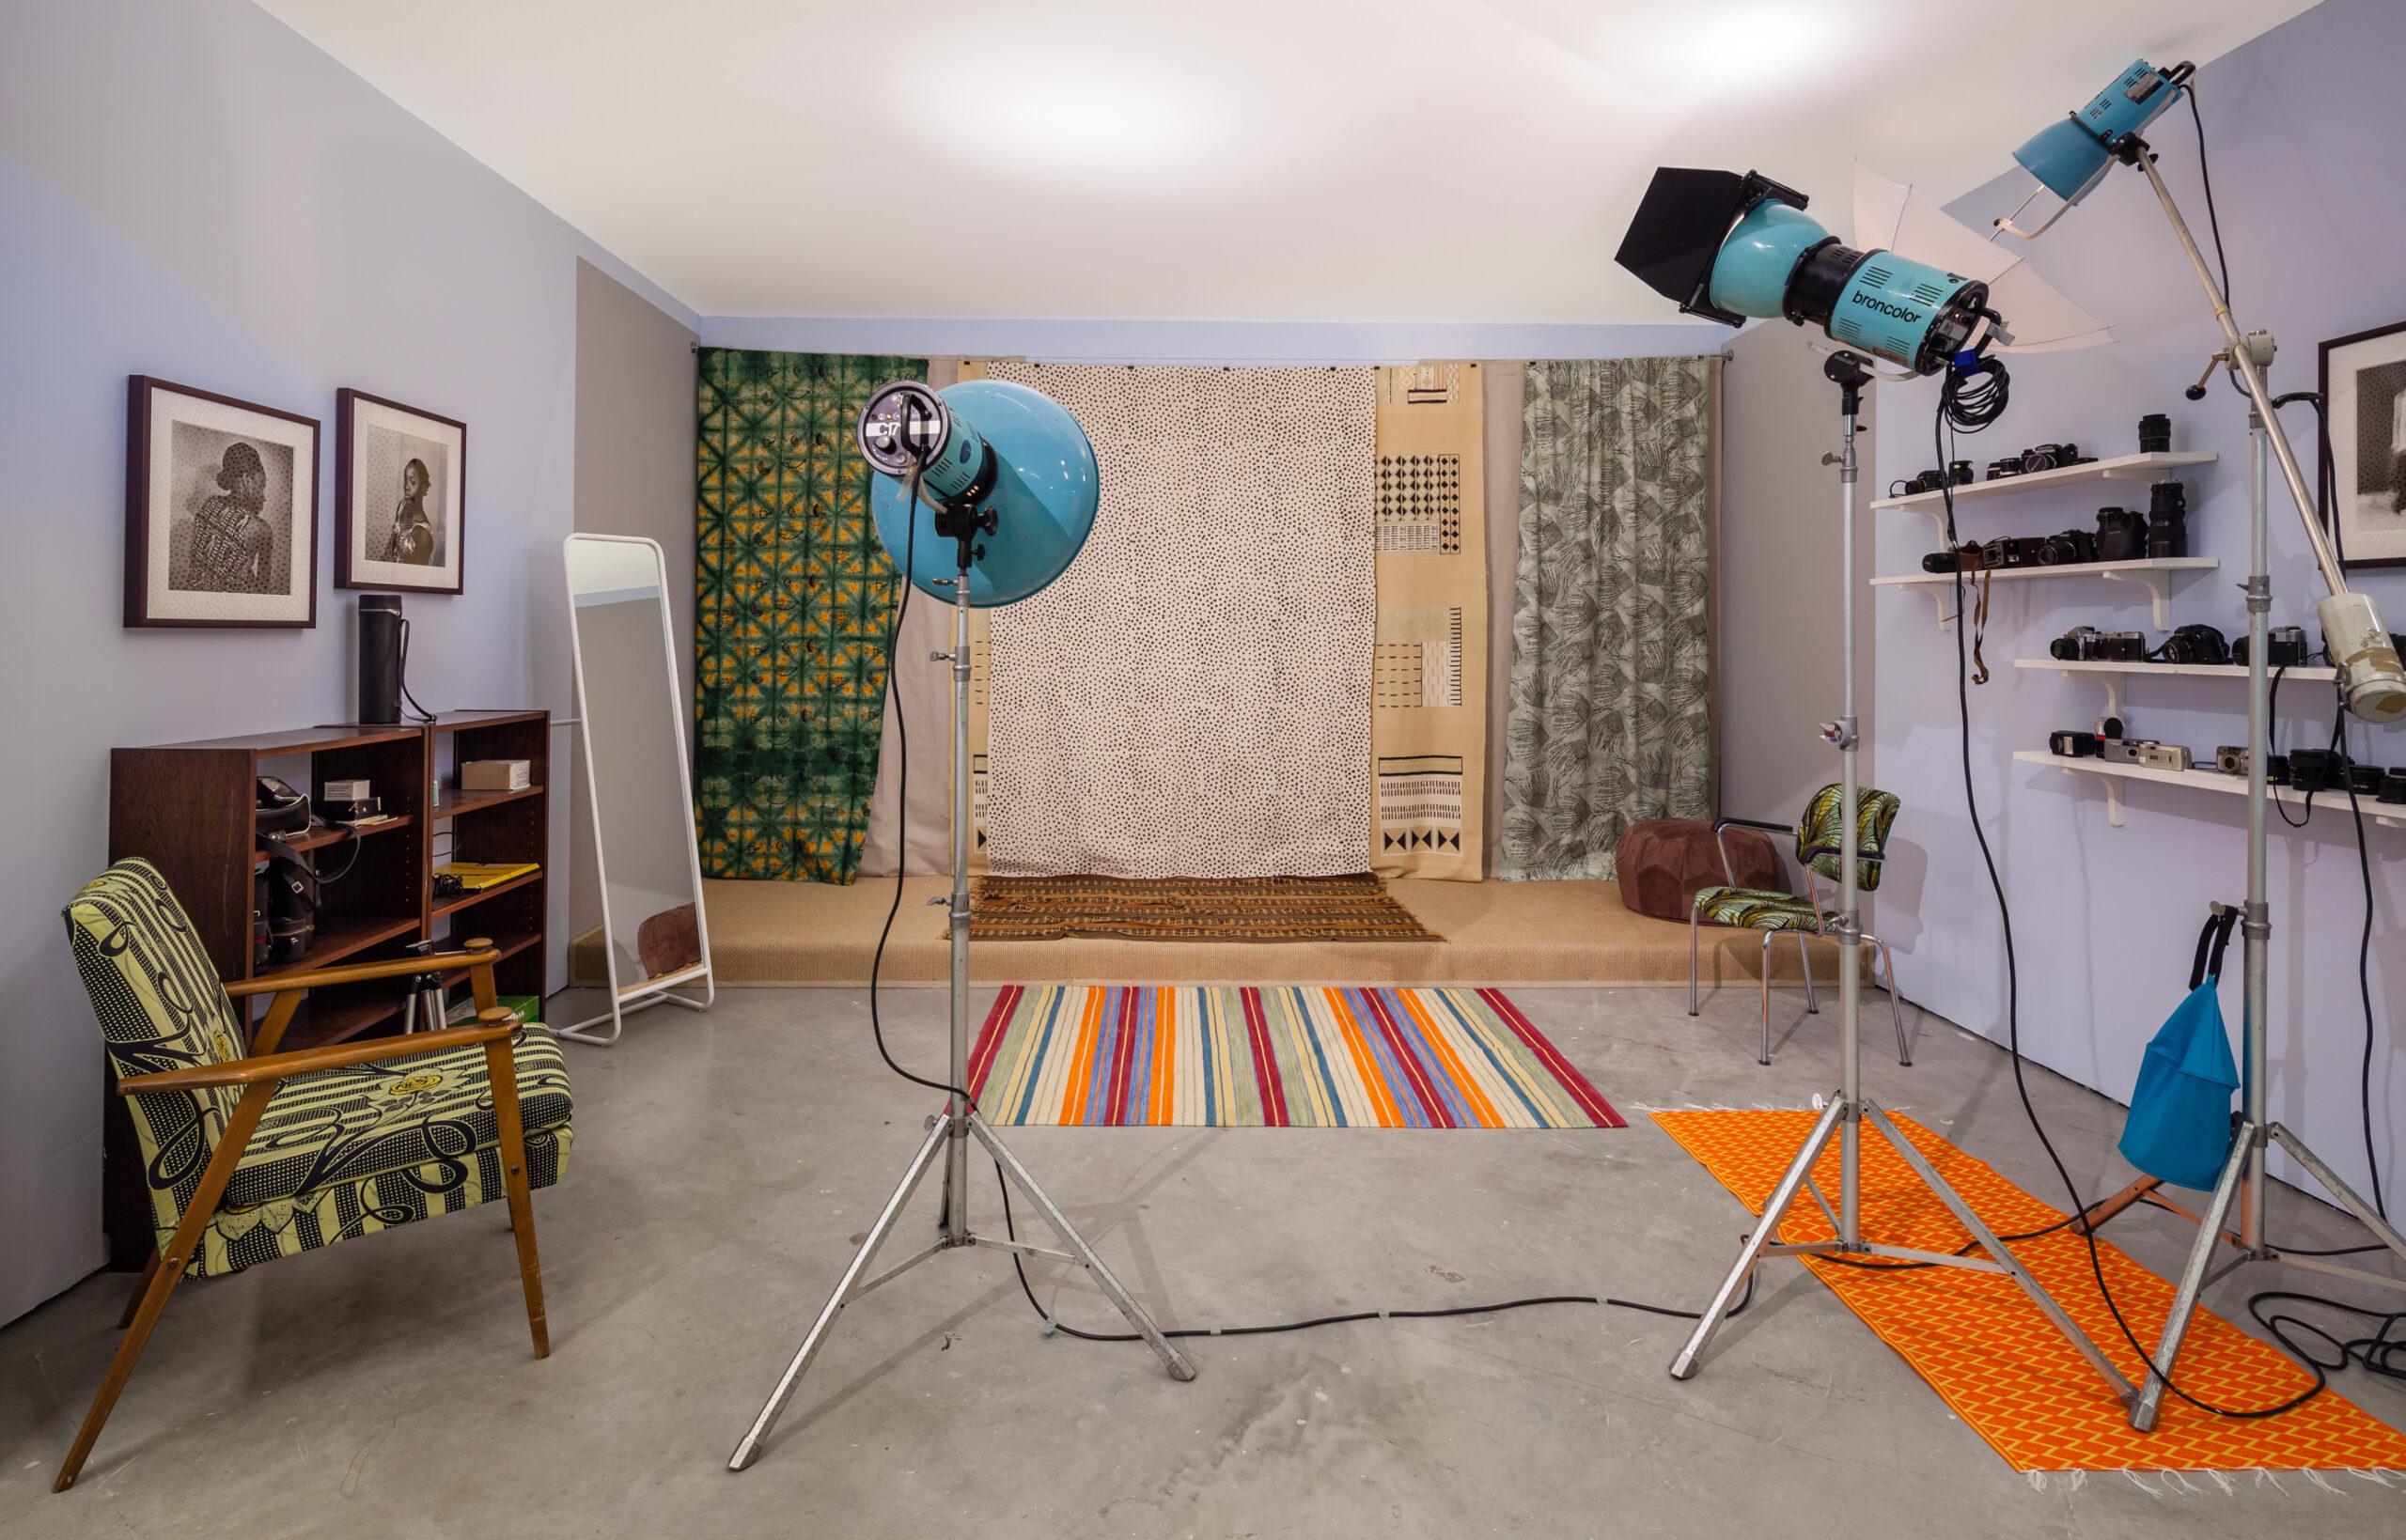 Studio Malick, utställningsfoto: Jean-Baptiste Béranger